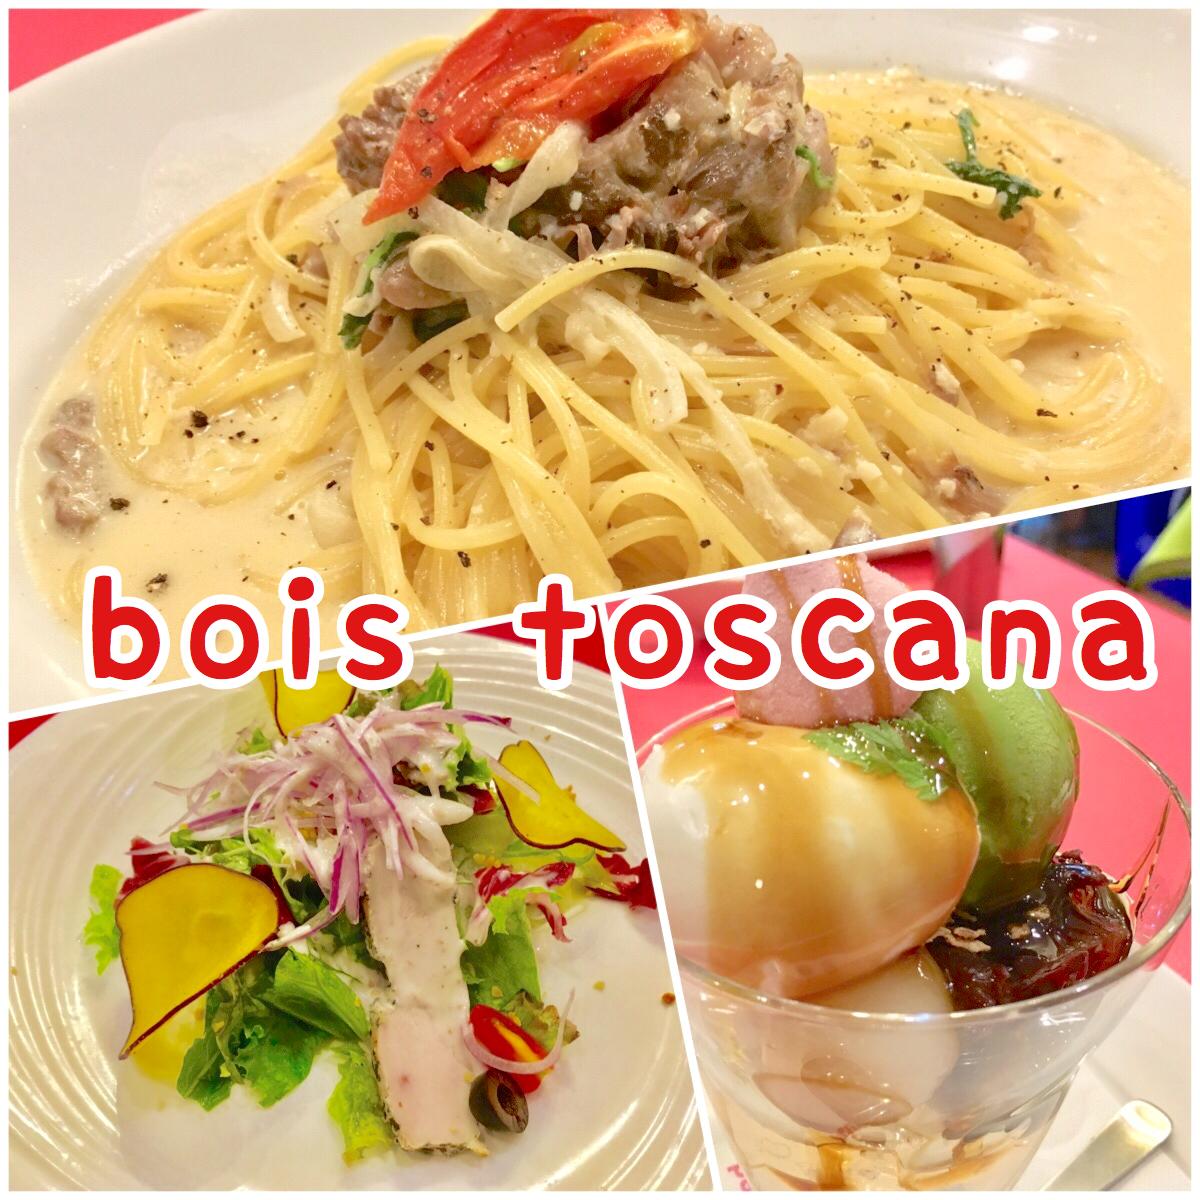 【ボワ・トスカーナ】西大宮の人気イタリアンでランチを食べたレビュー